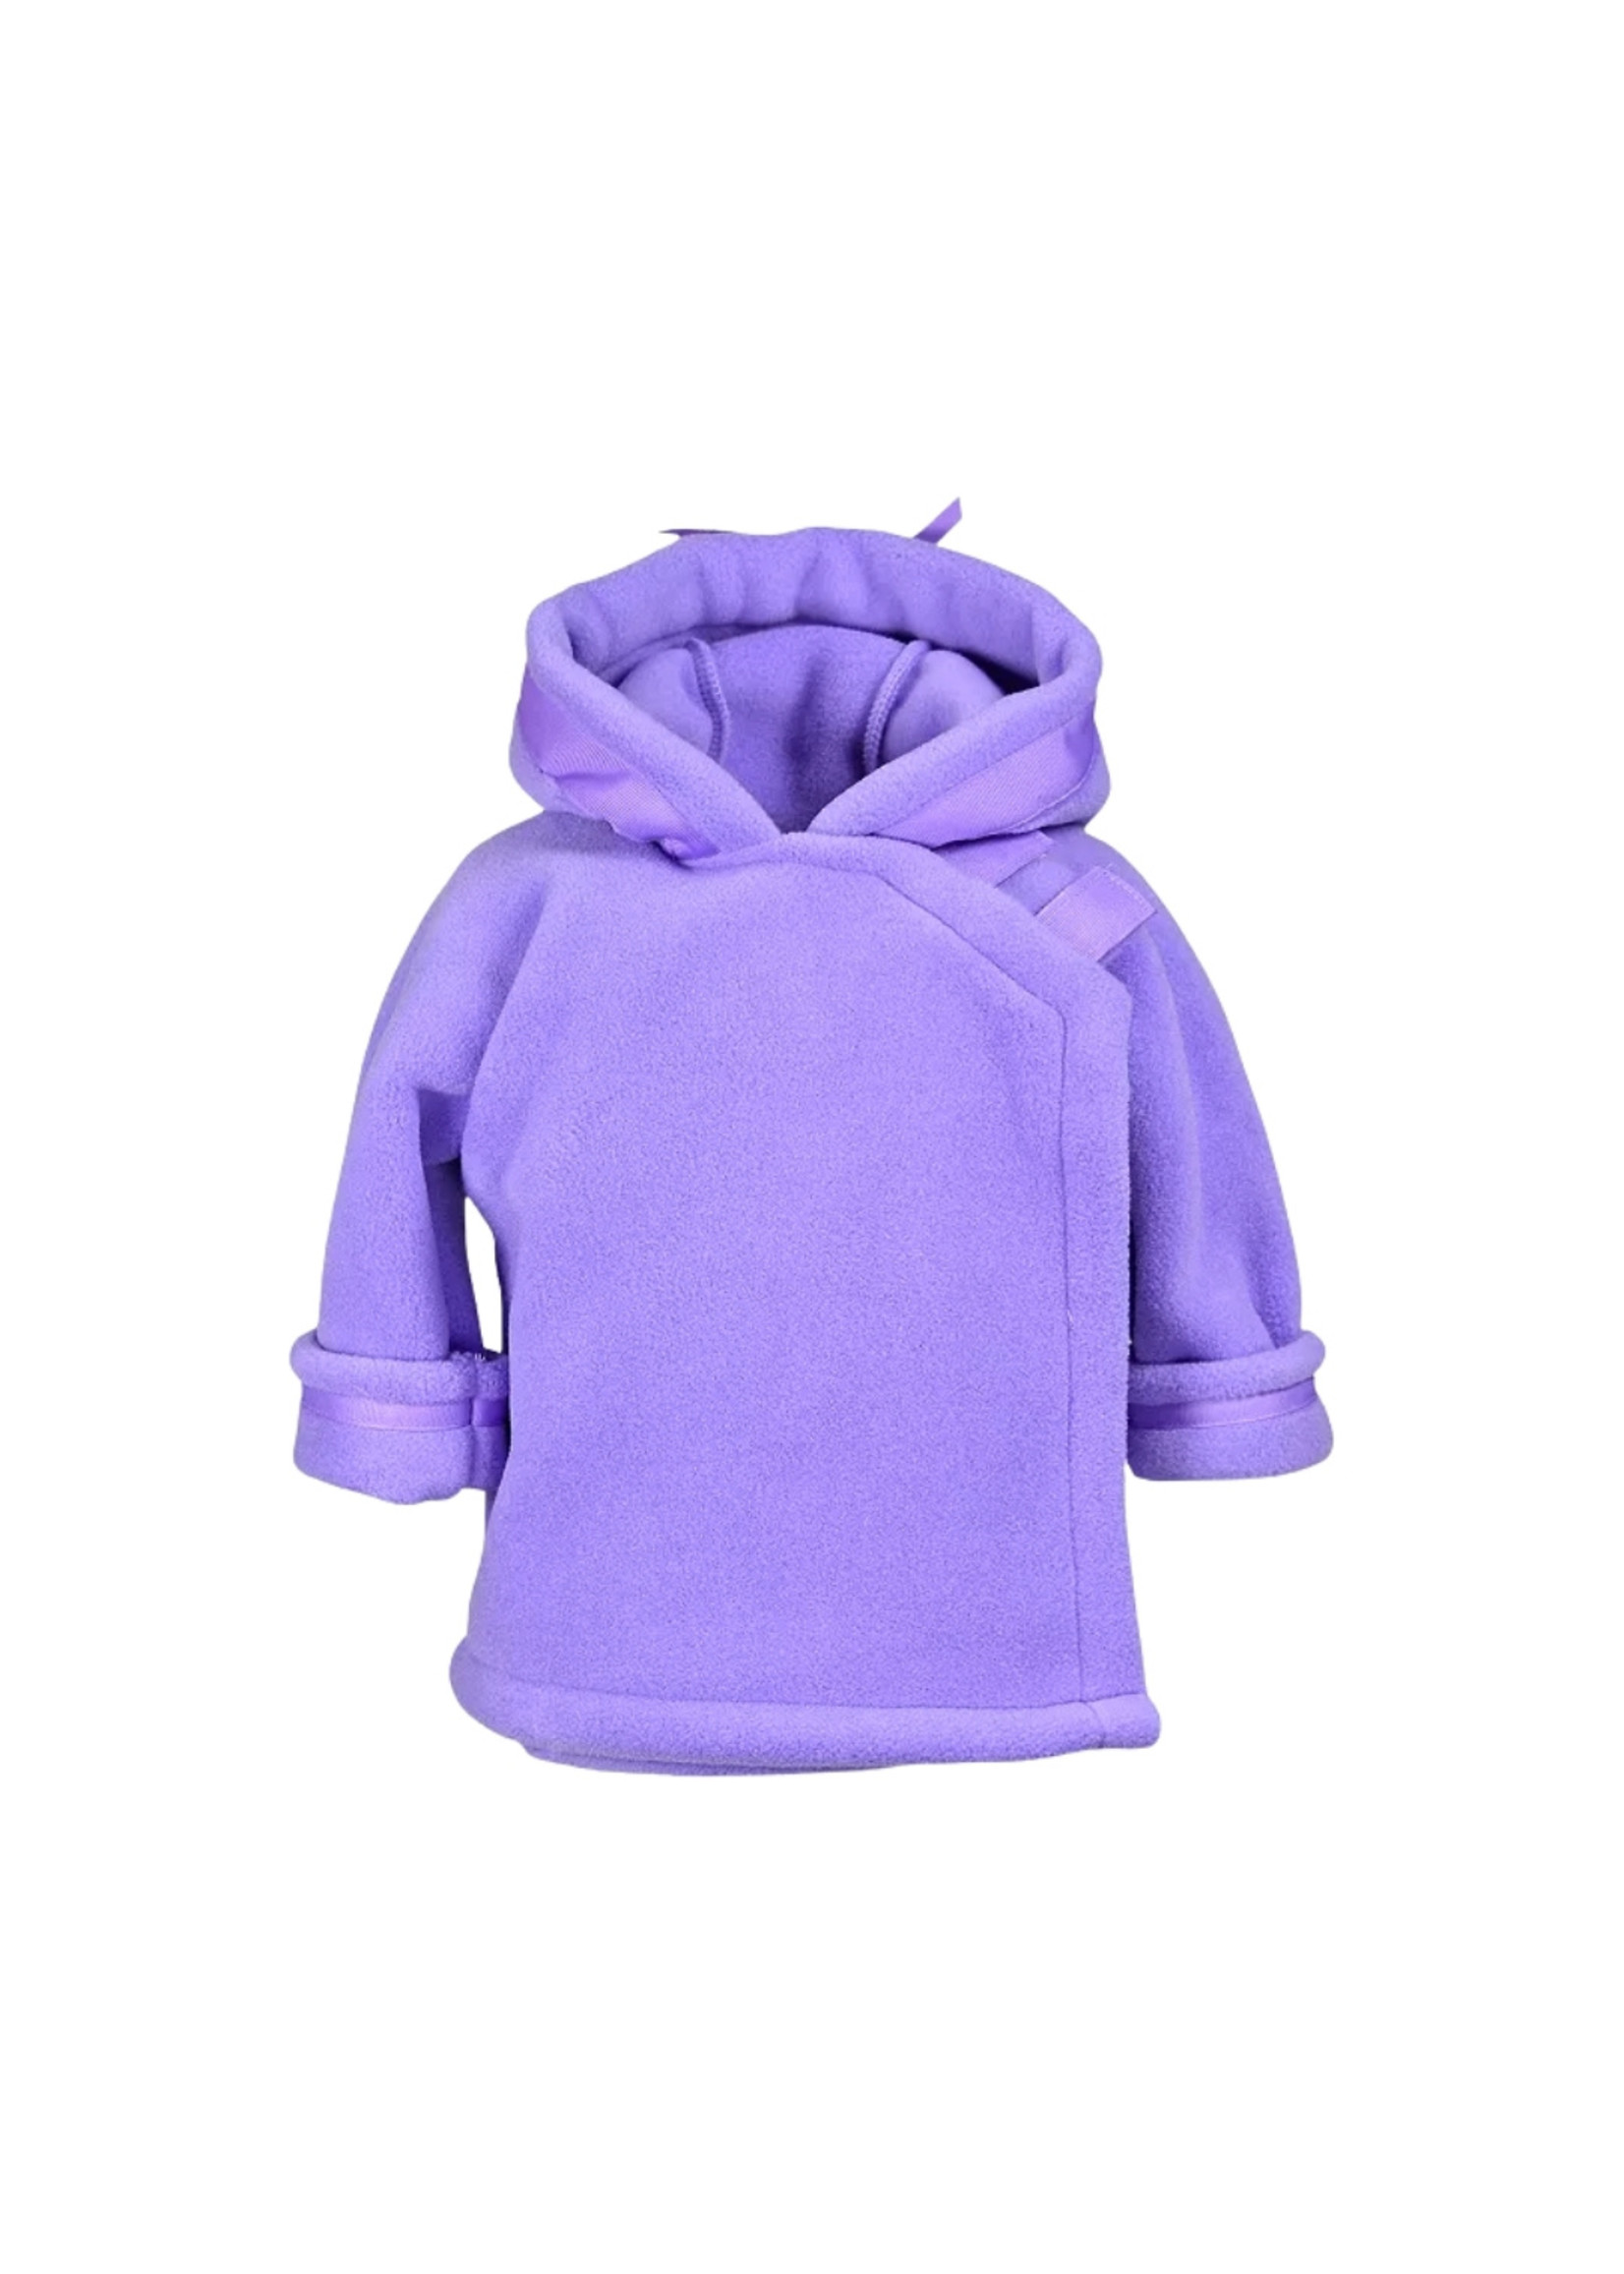 American Widgeon Widgeon Warmplus Lavender Hooded Fleece Jacket